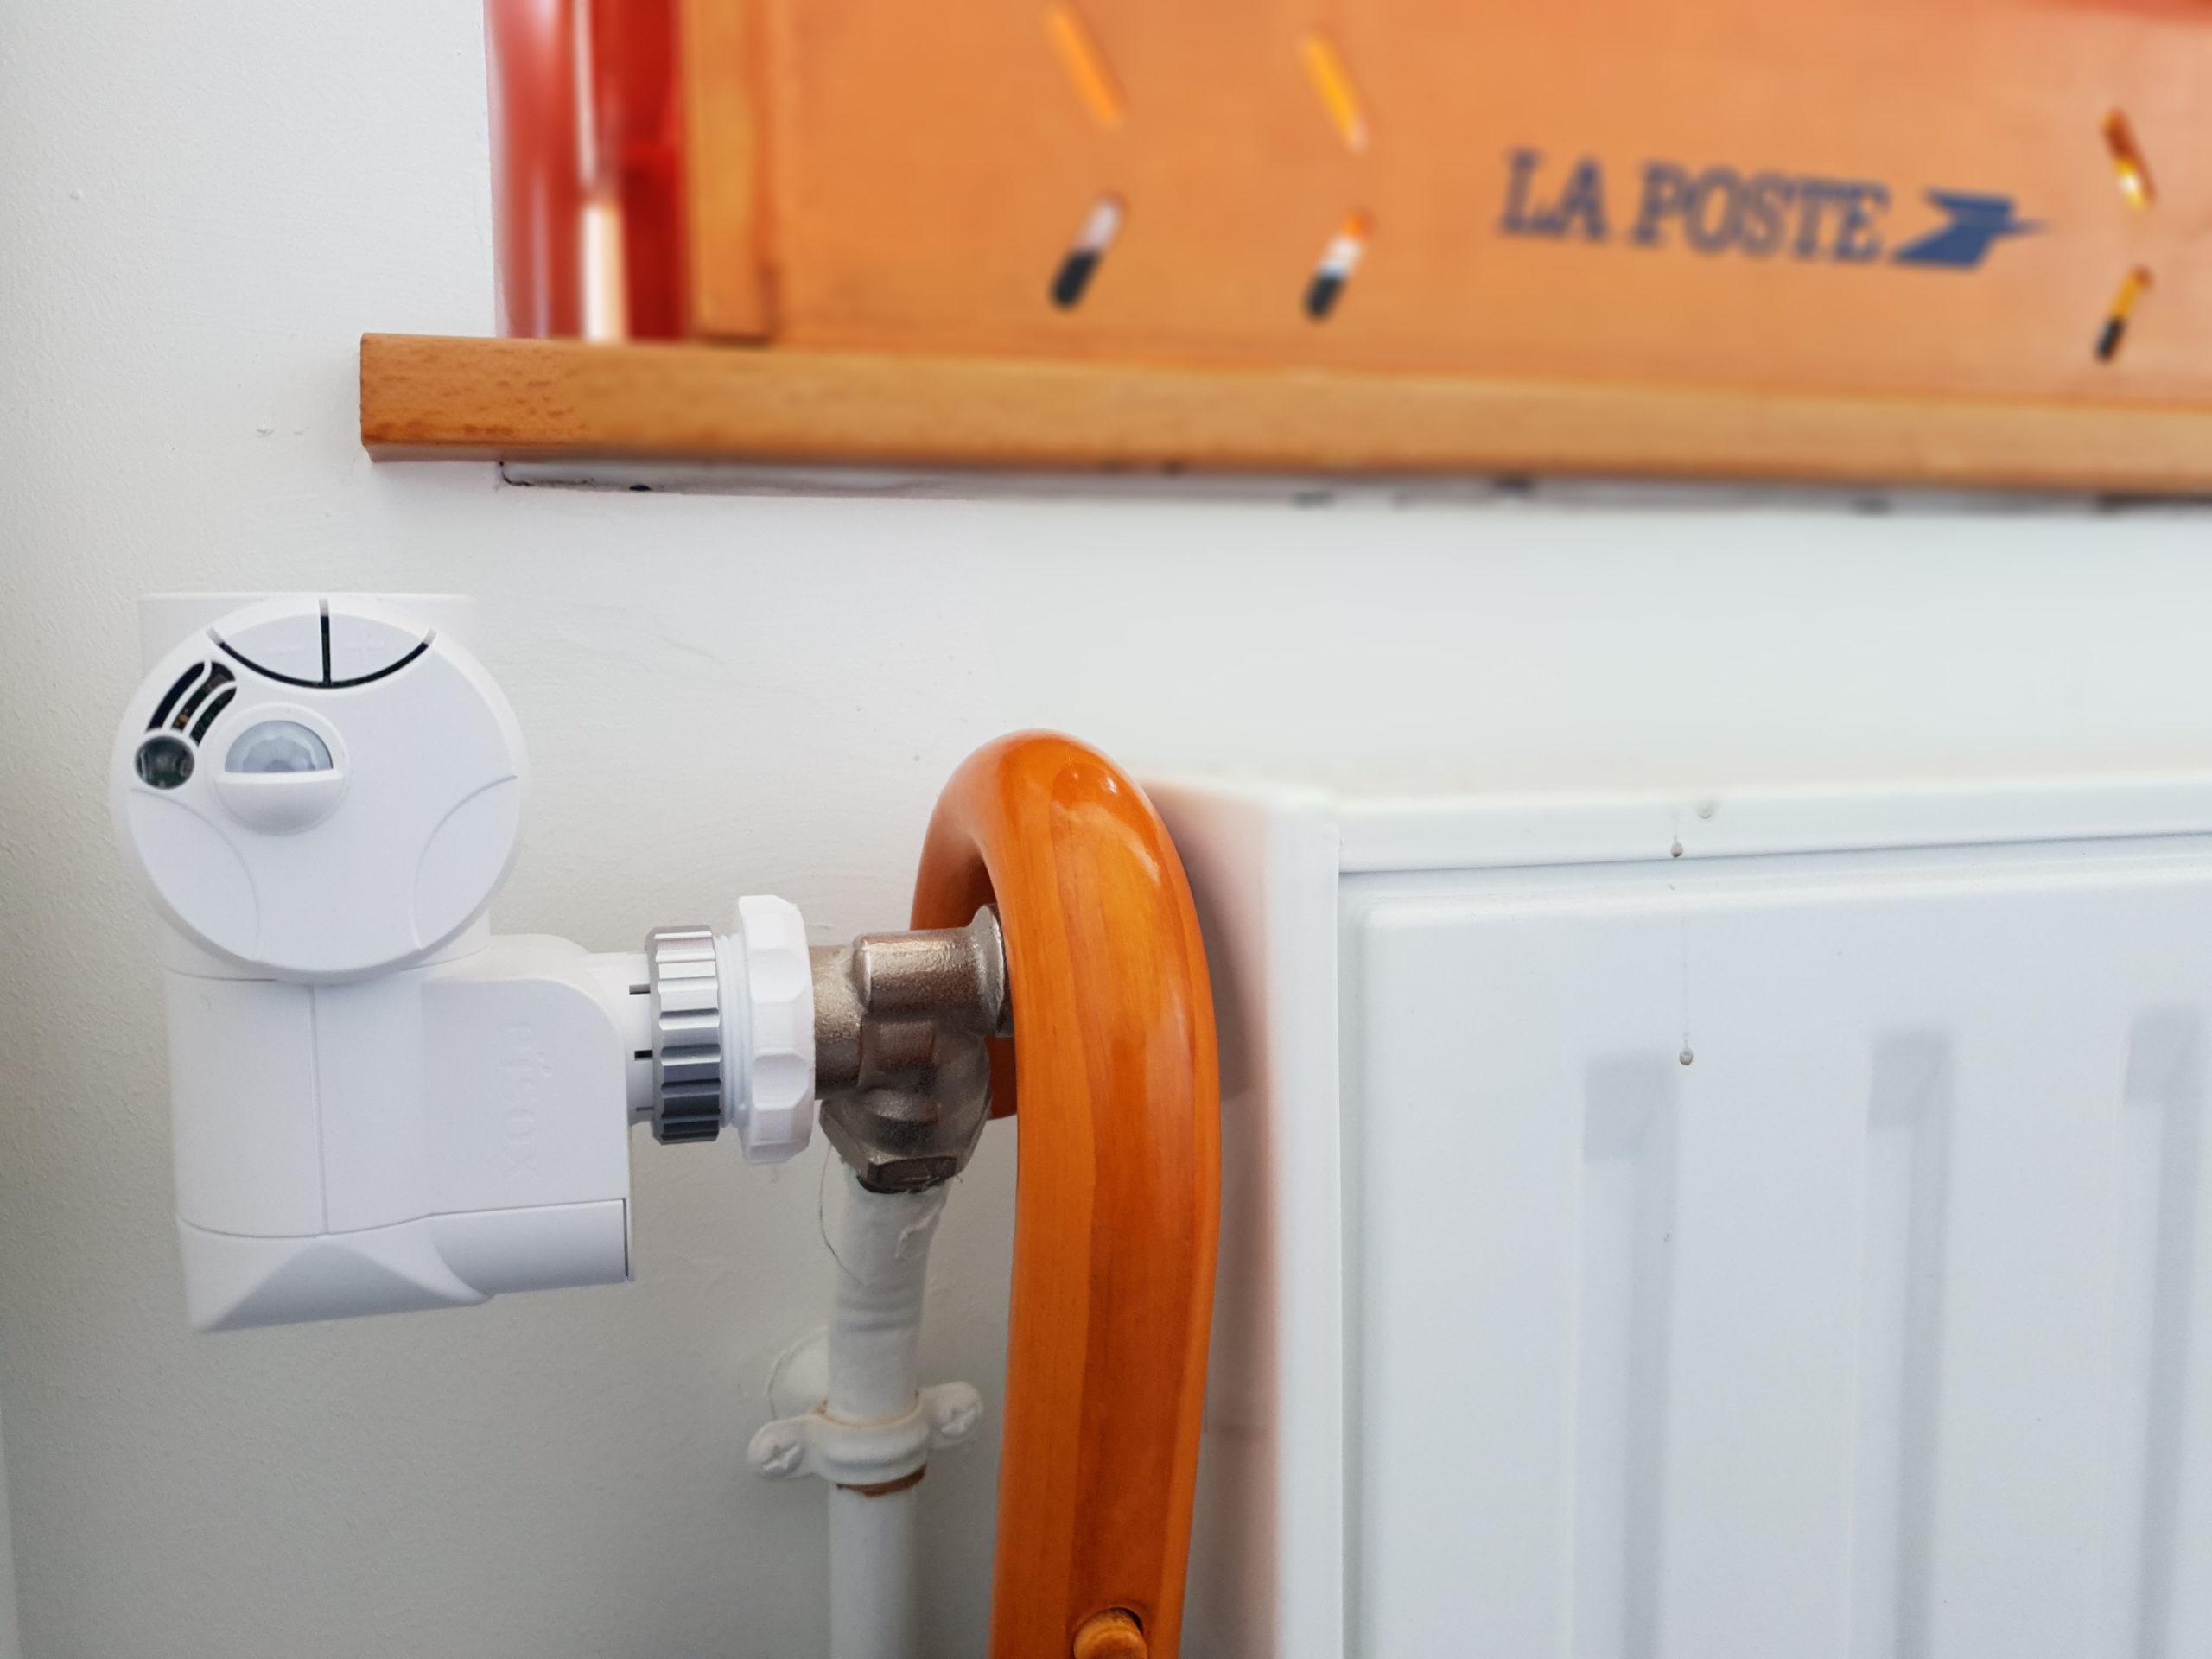 Eisox s'attaque aux surconsommations liées aux chauffages dans les bâtiments professionnels